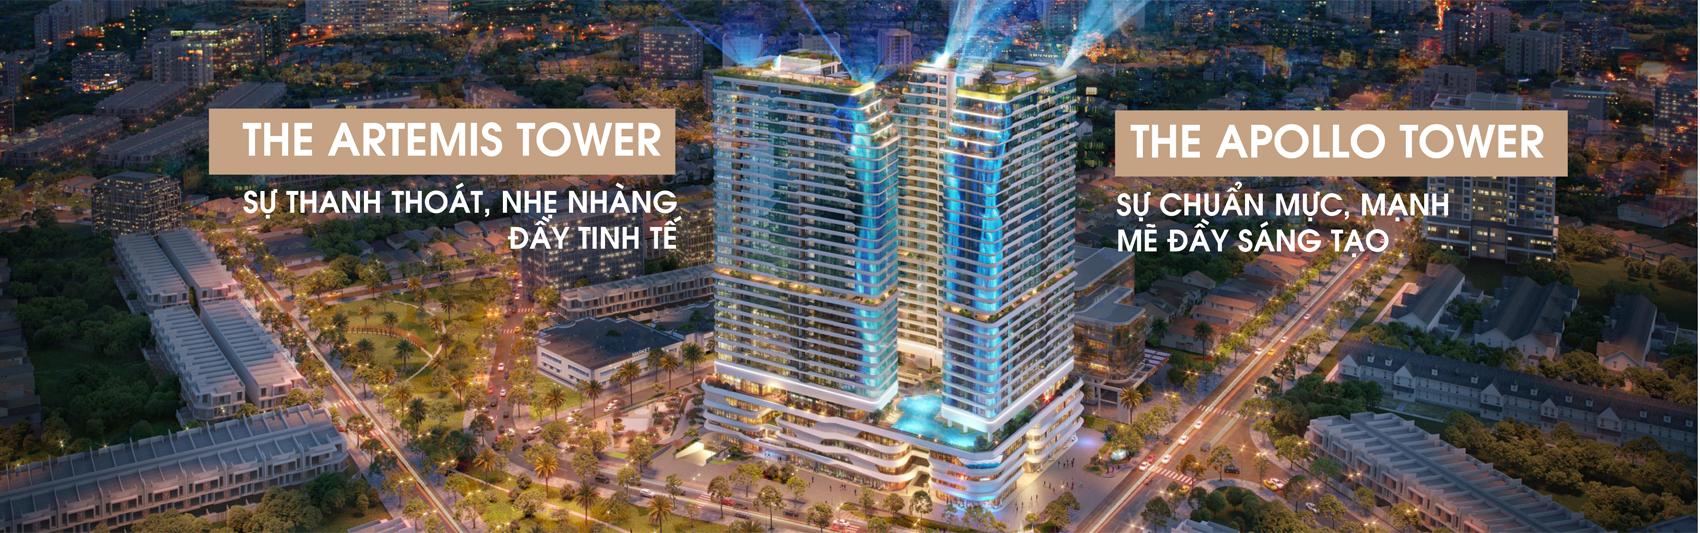 King Crown Infinity Quận Thủ Đức, Biểu tượng căn hộ mới tại TP Đông Sài Gòn